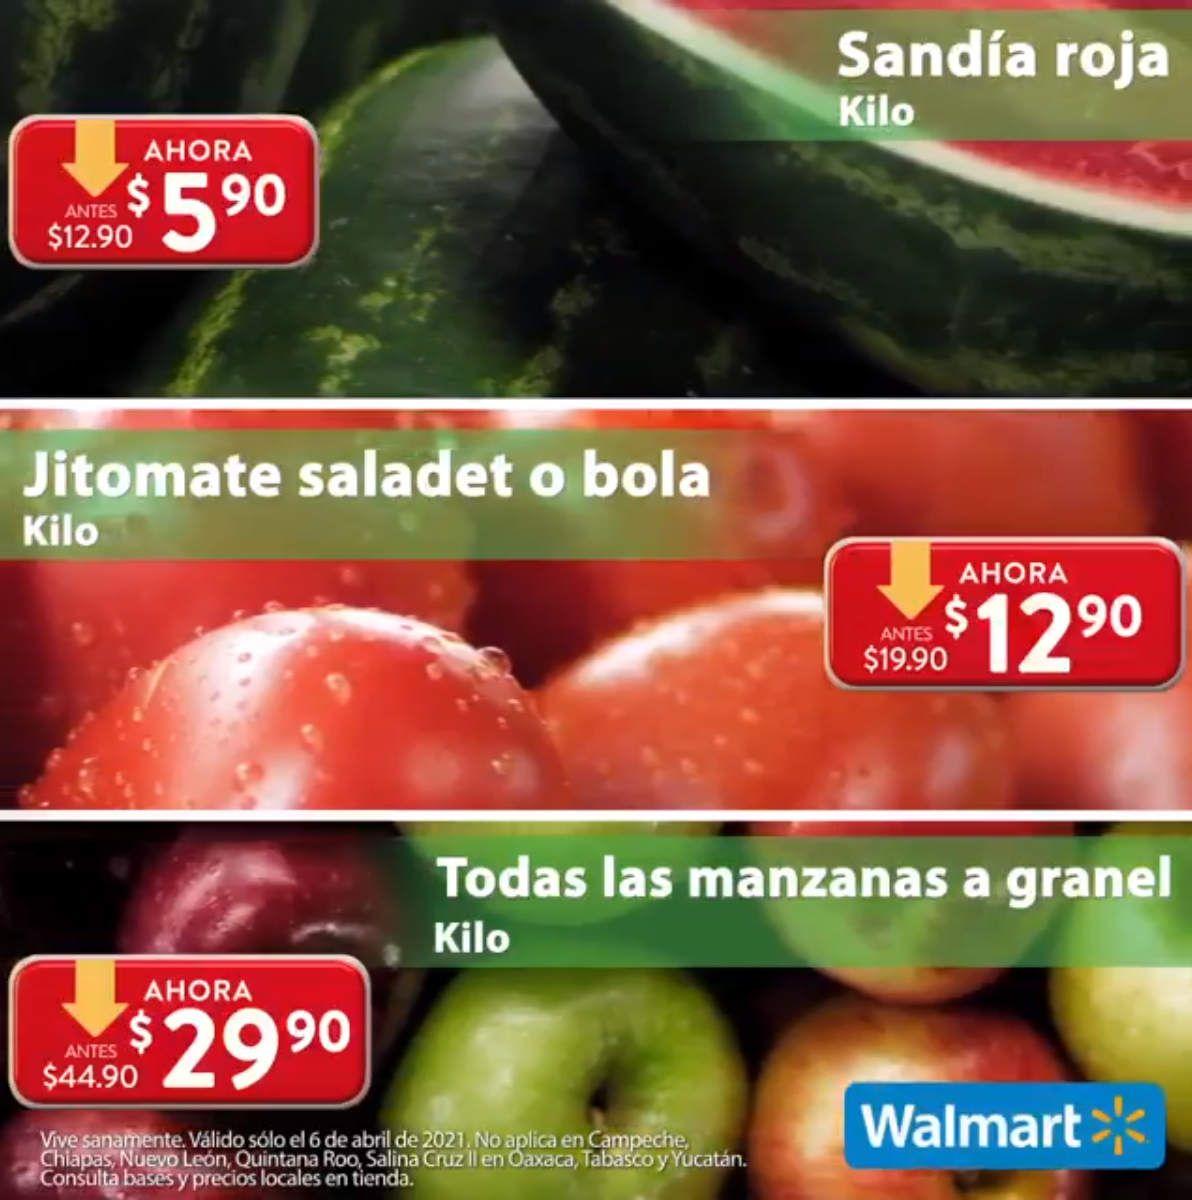 Walmart: Martes de Frescura 6 Abril: Sandía $5.90 kg... Jitomate Saladet ó Bola $12.90 kg... Todas las Manzanas $29.90 kg.